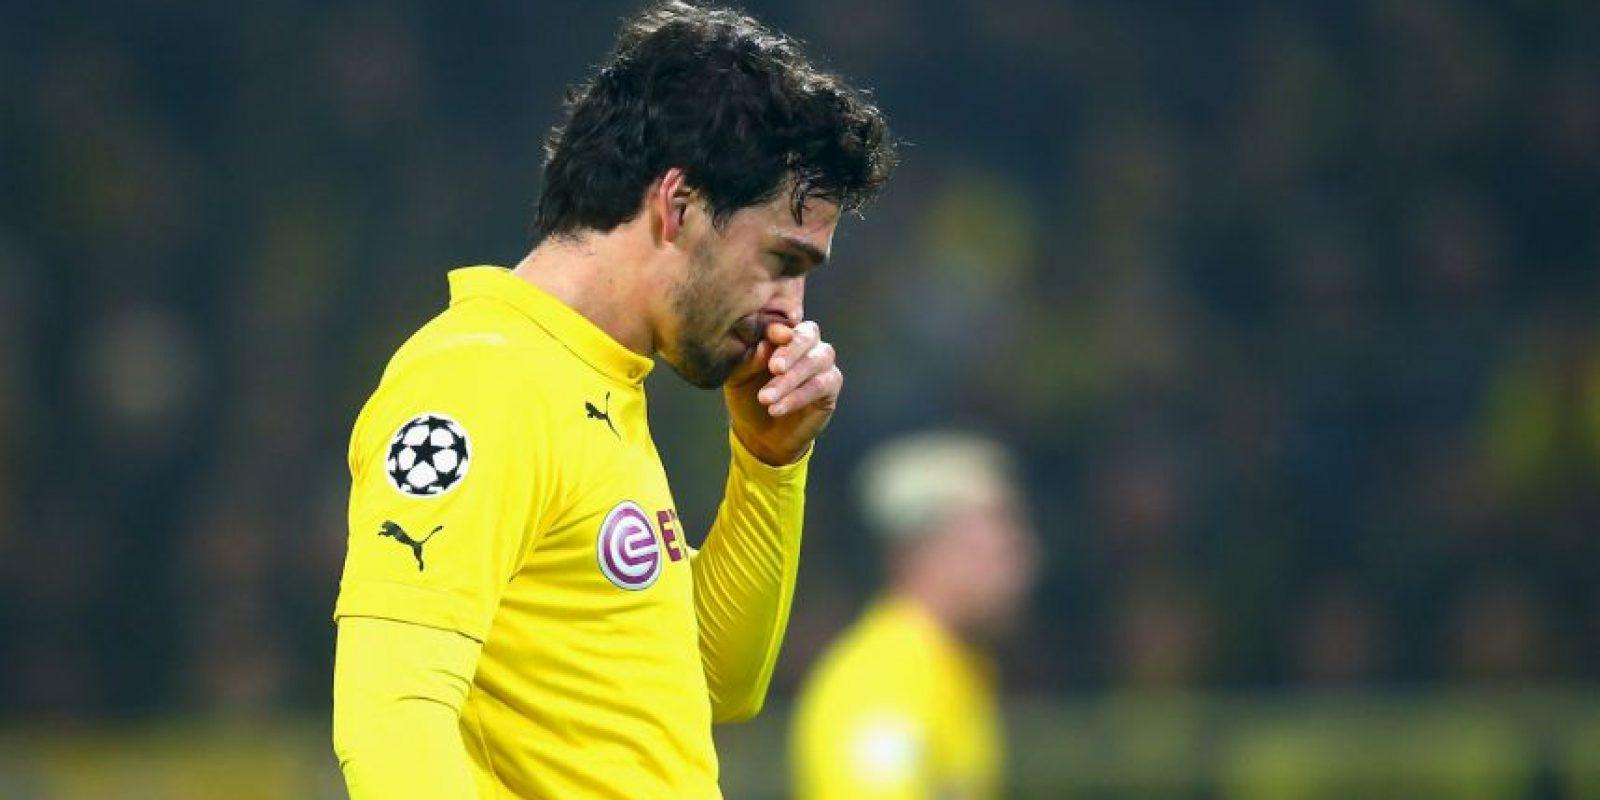 Mats Hummels es un defensa alemán que juega para el Borussia Dortmund de la Bundesliga. Foto:Getty Images